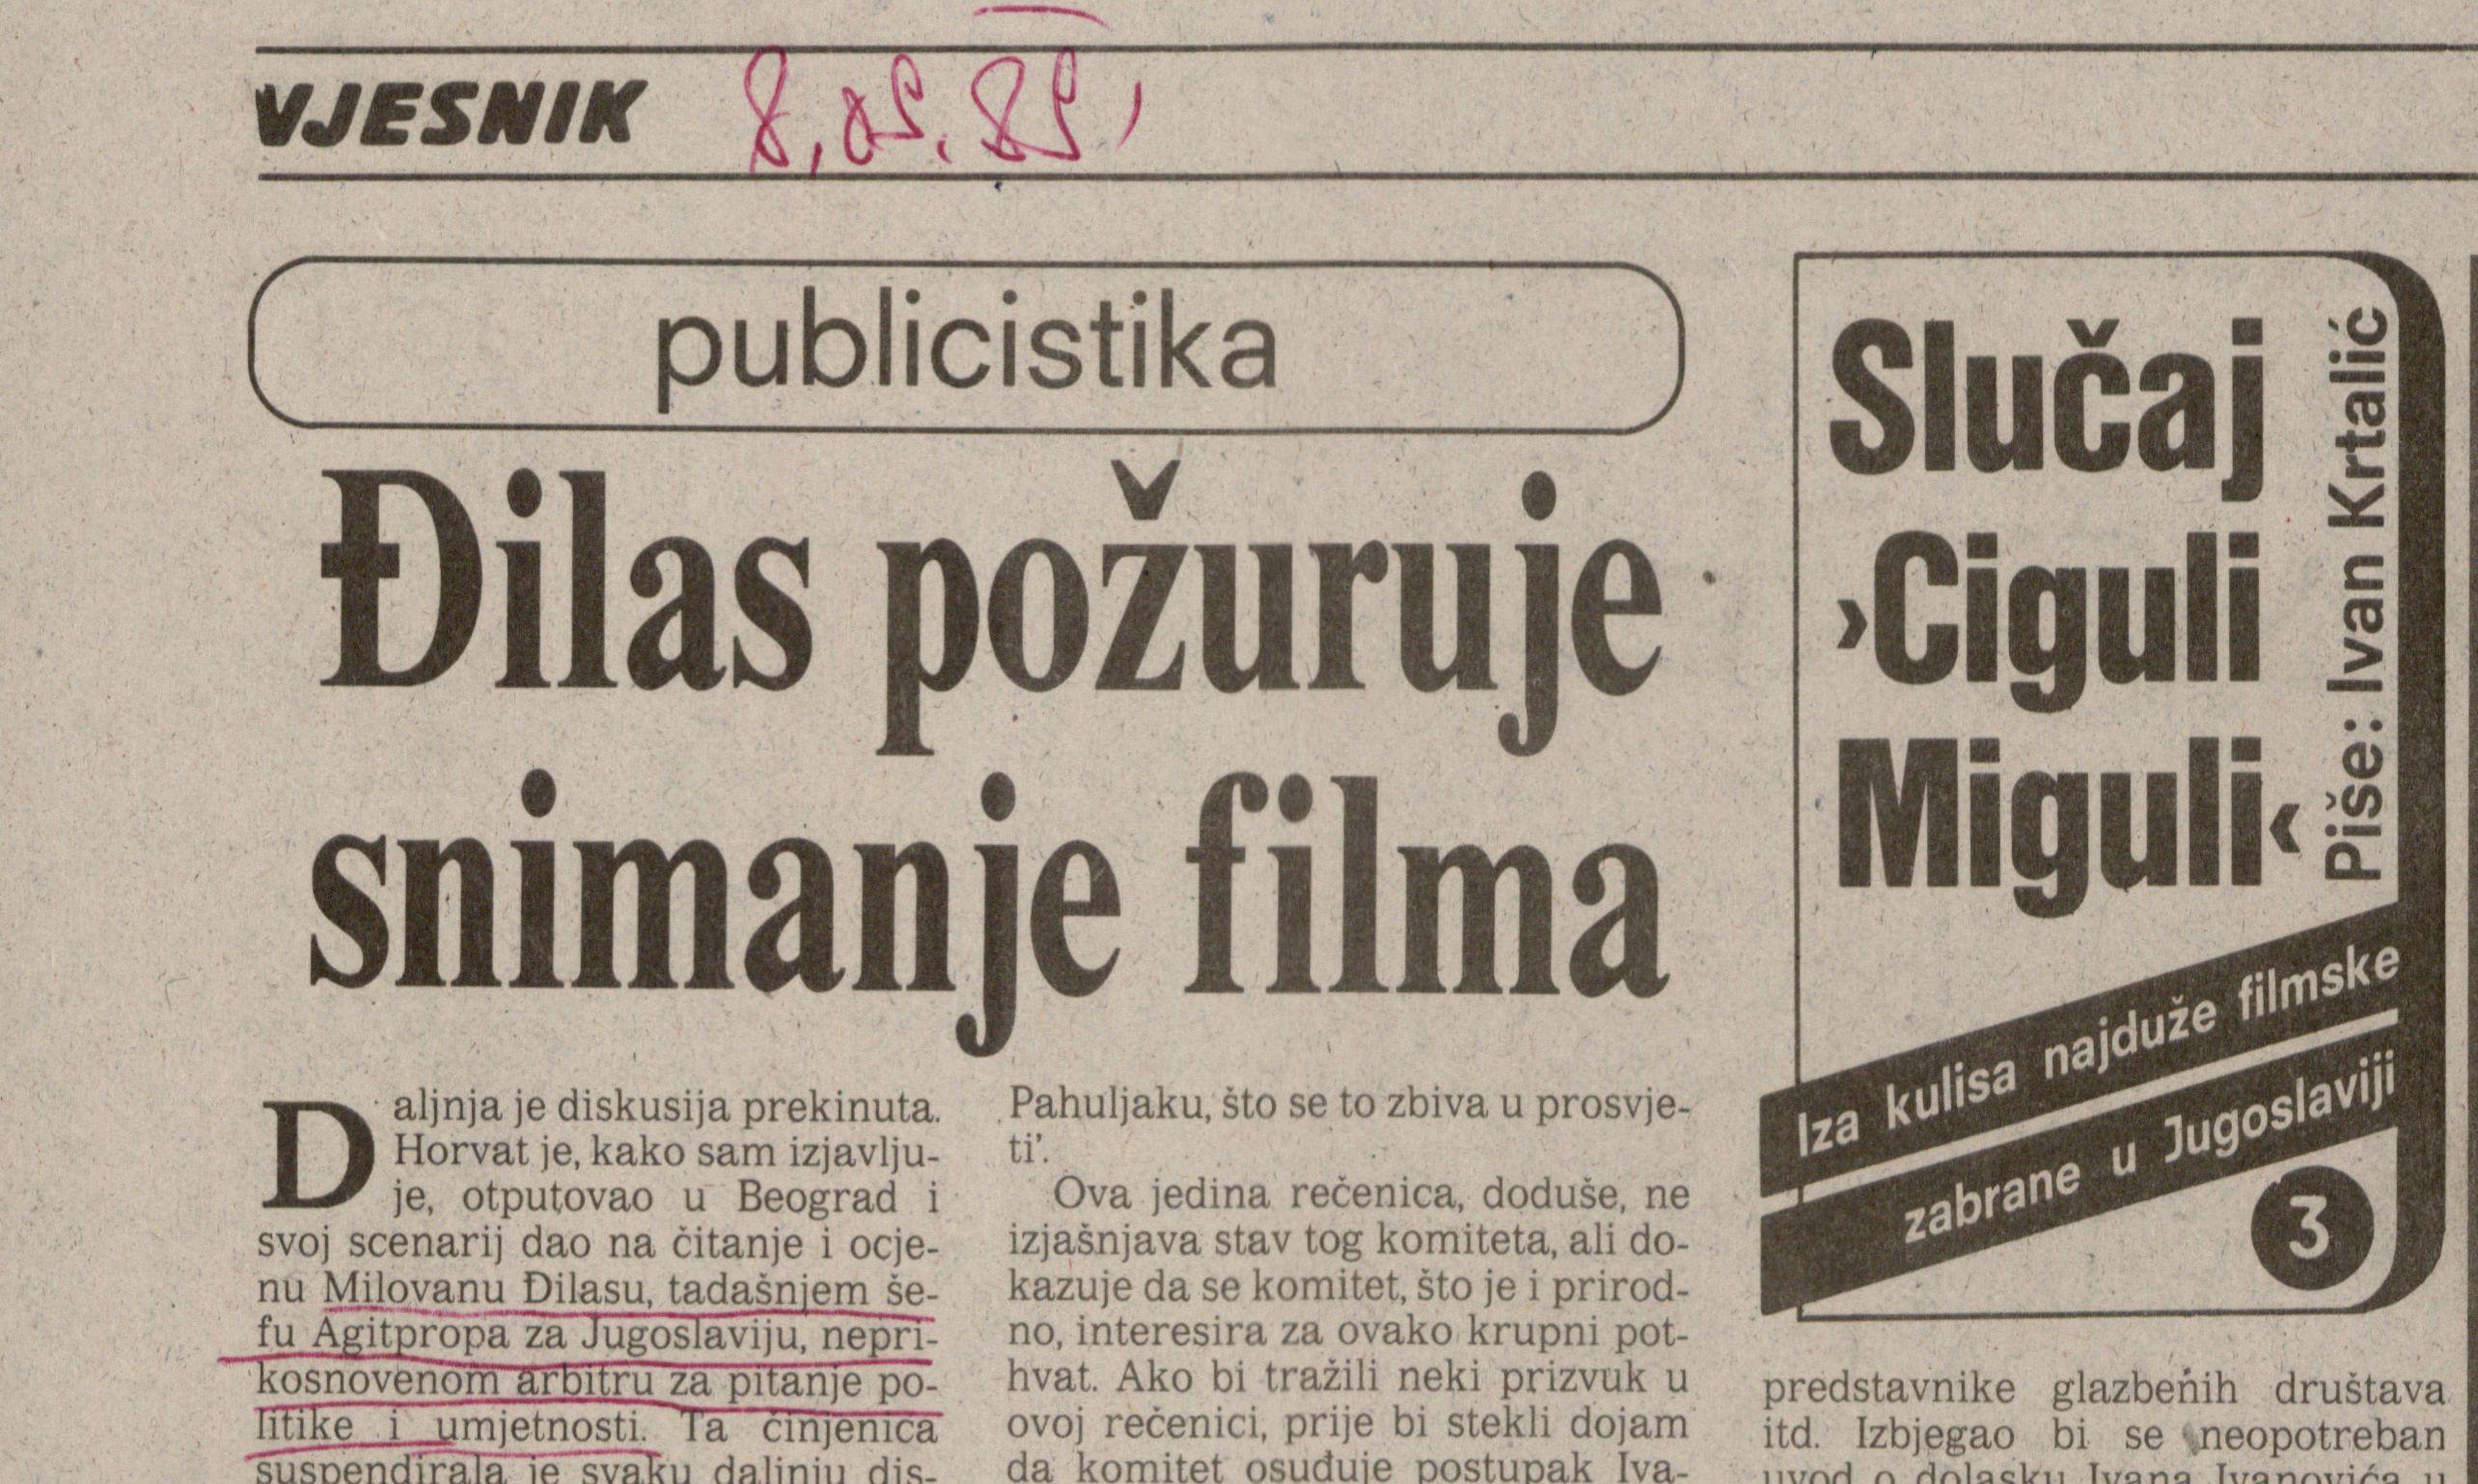 Novinski isječak feljtona Slučaj Ciguli Miguli.